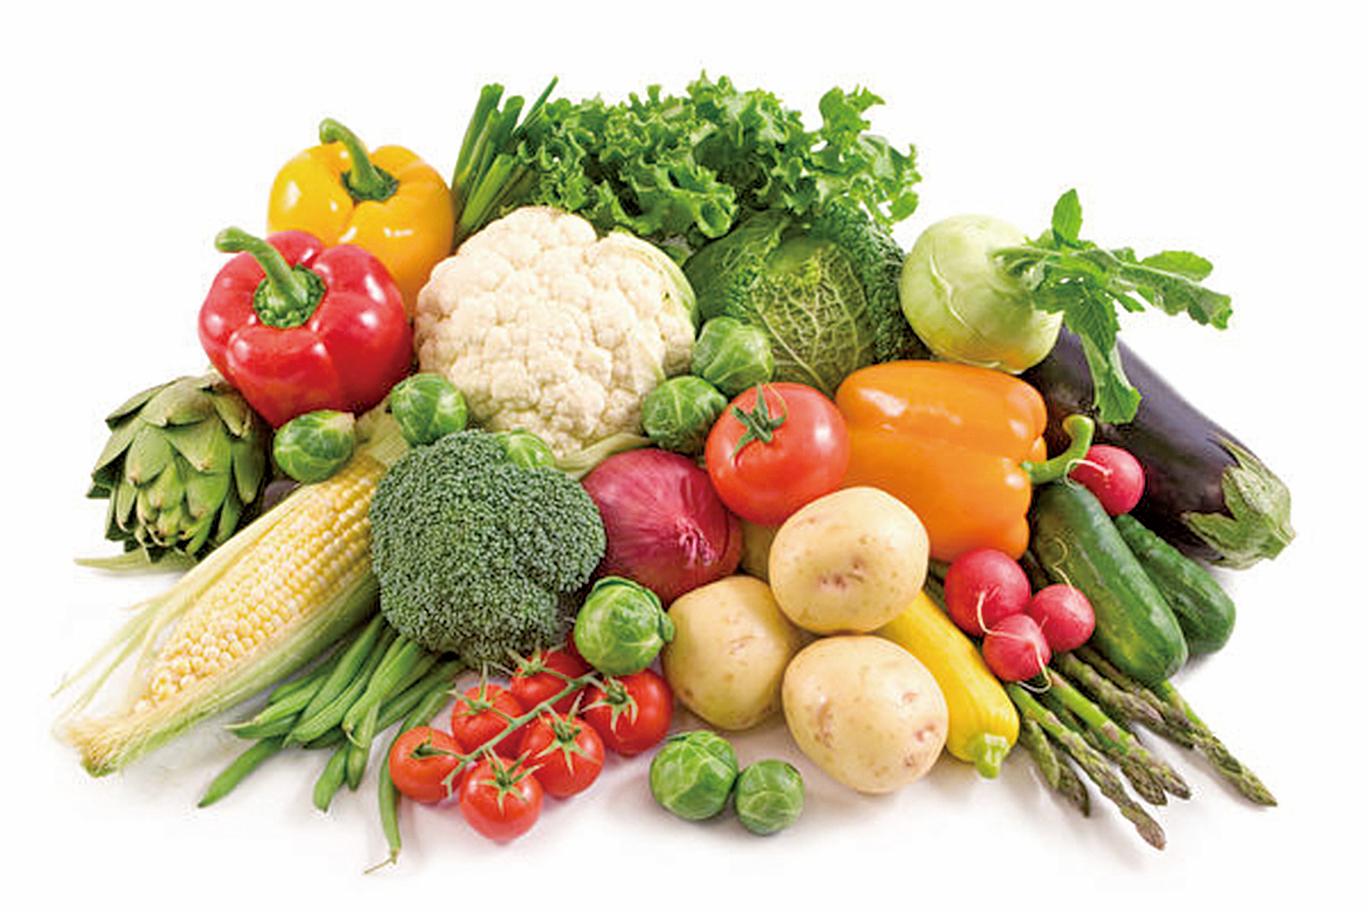 最新研究:食物影響情緒 與年齡密切相關